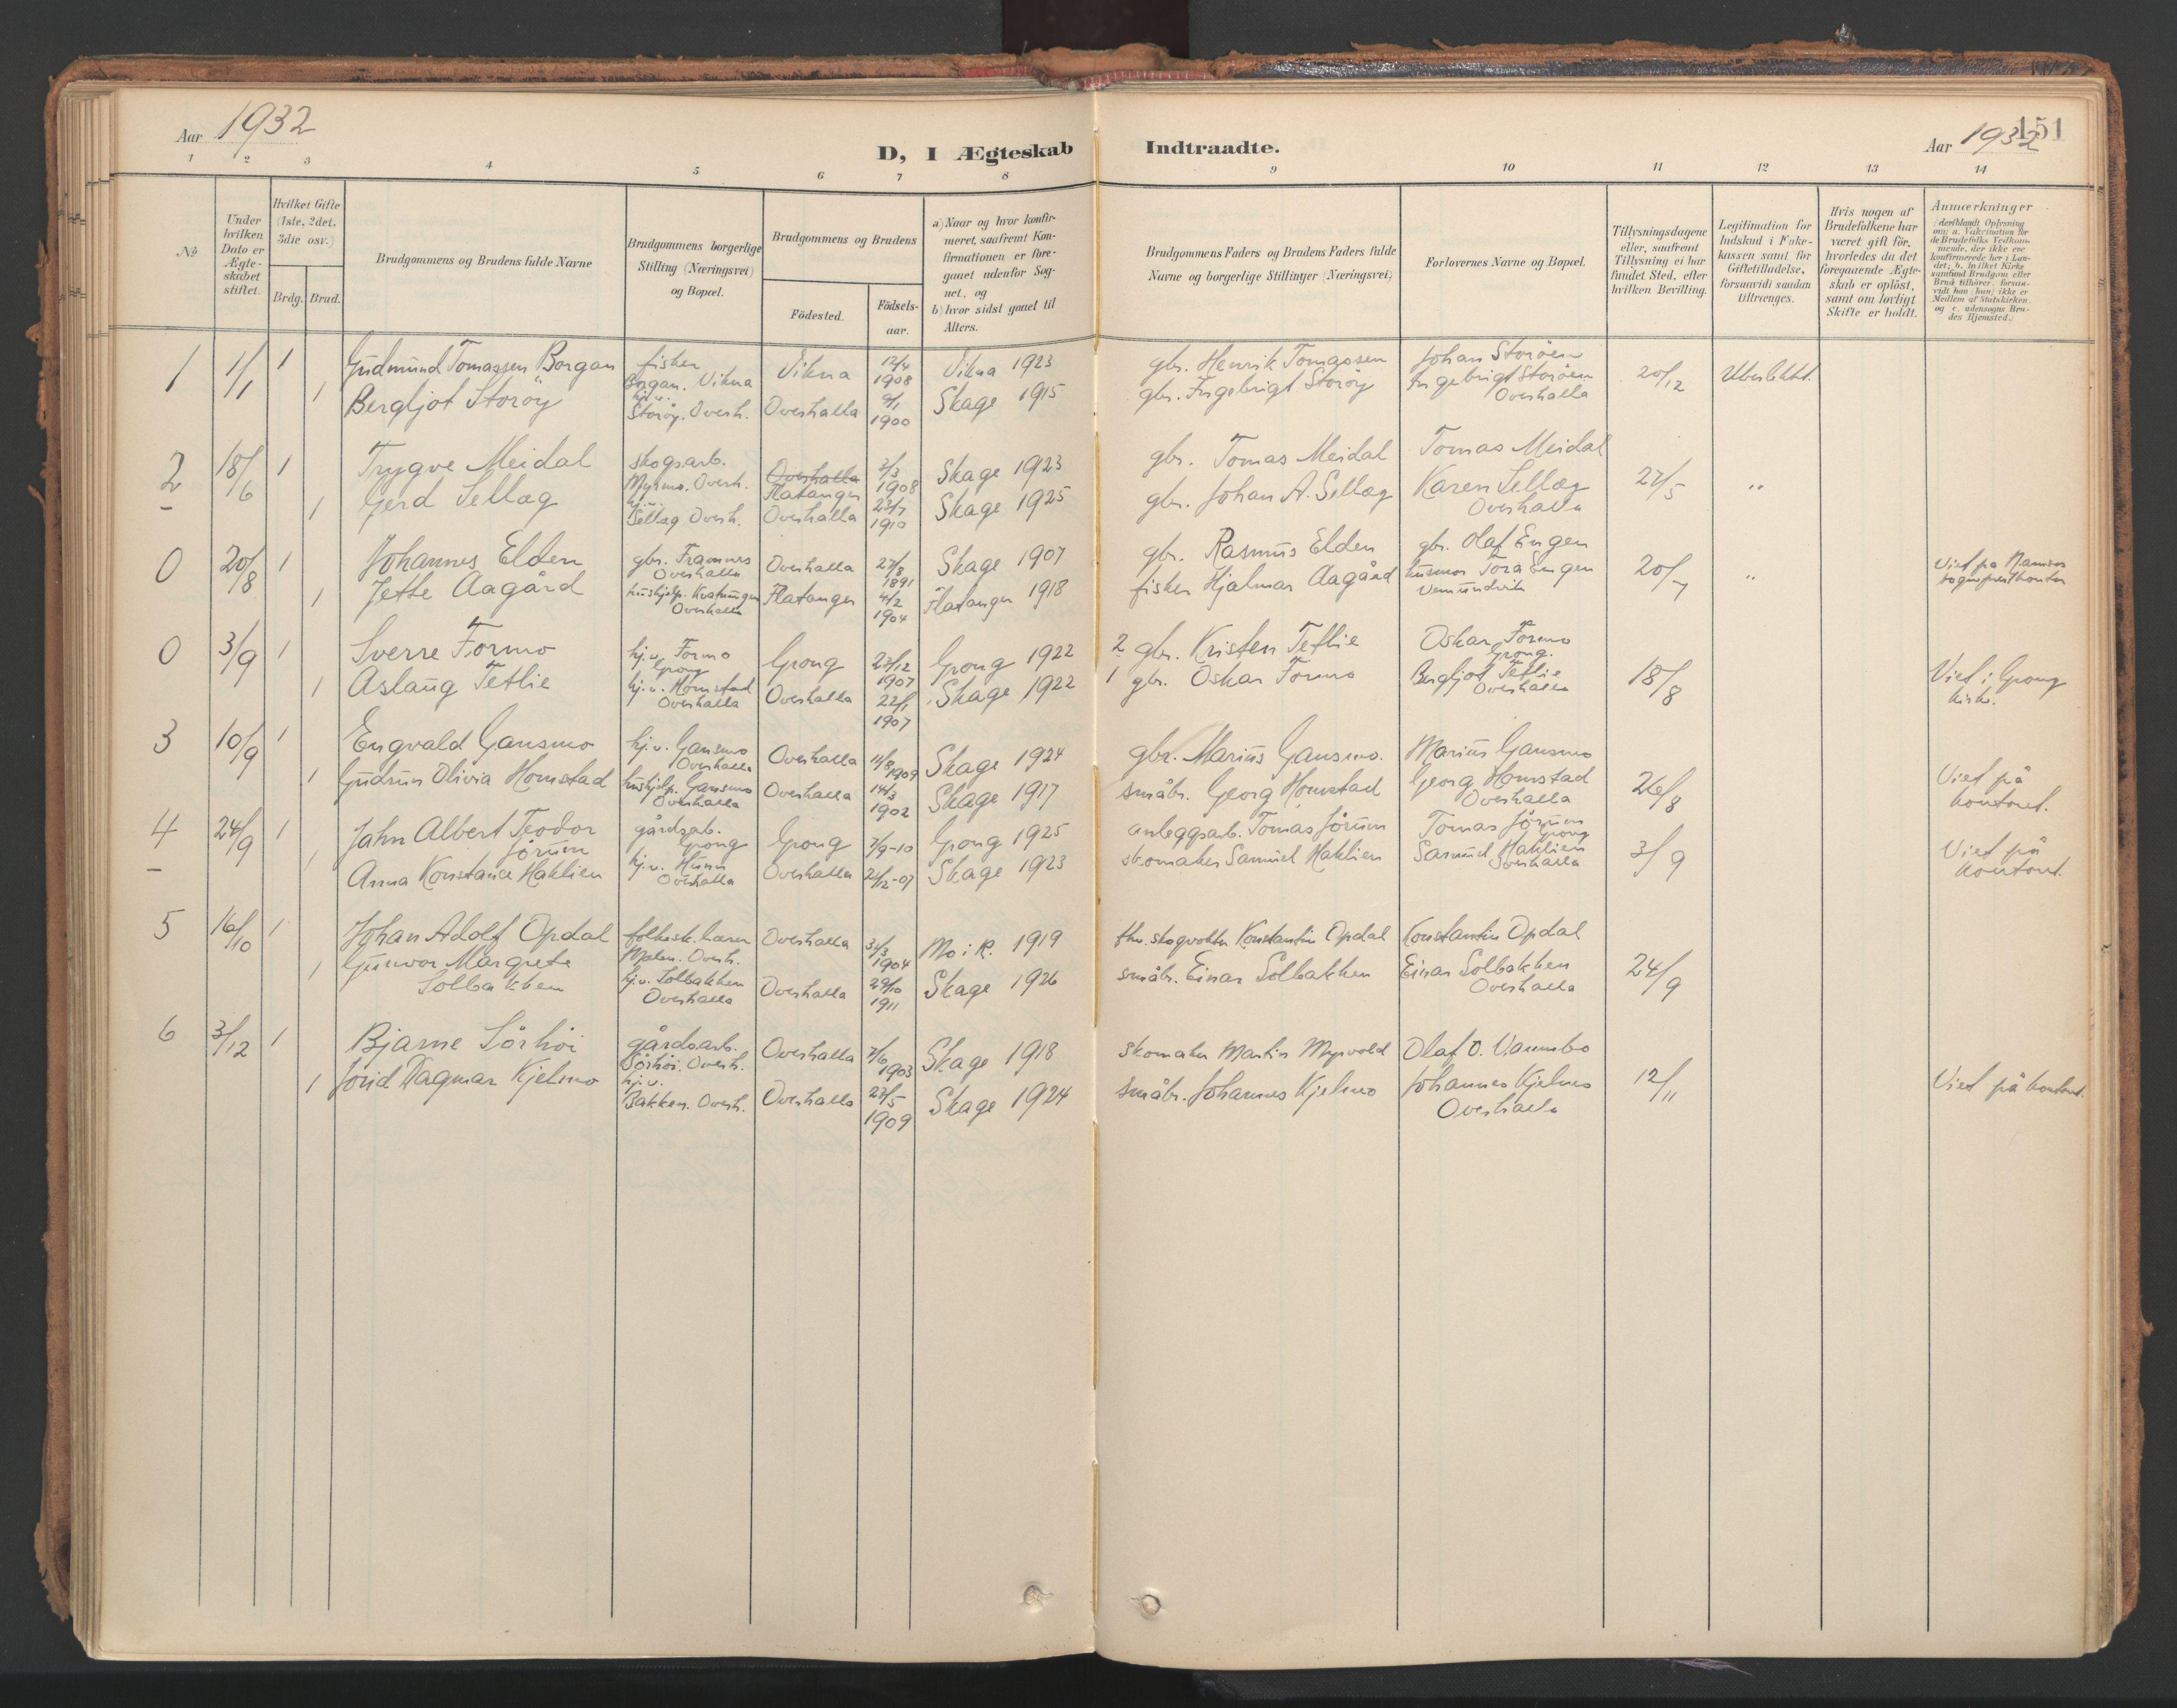 SAT, Ministerialprotokoller, klokkerbøker og fødselsregistre - Nord-Trøndelag, 766/L0564: Ministerialbok nr. 767A02, 1900-1932, s. 151